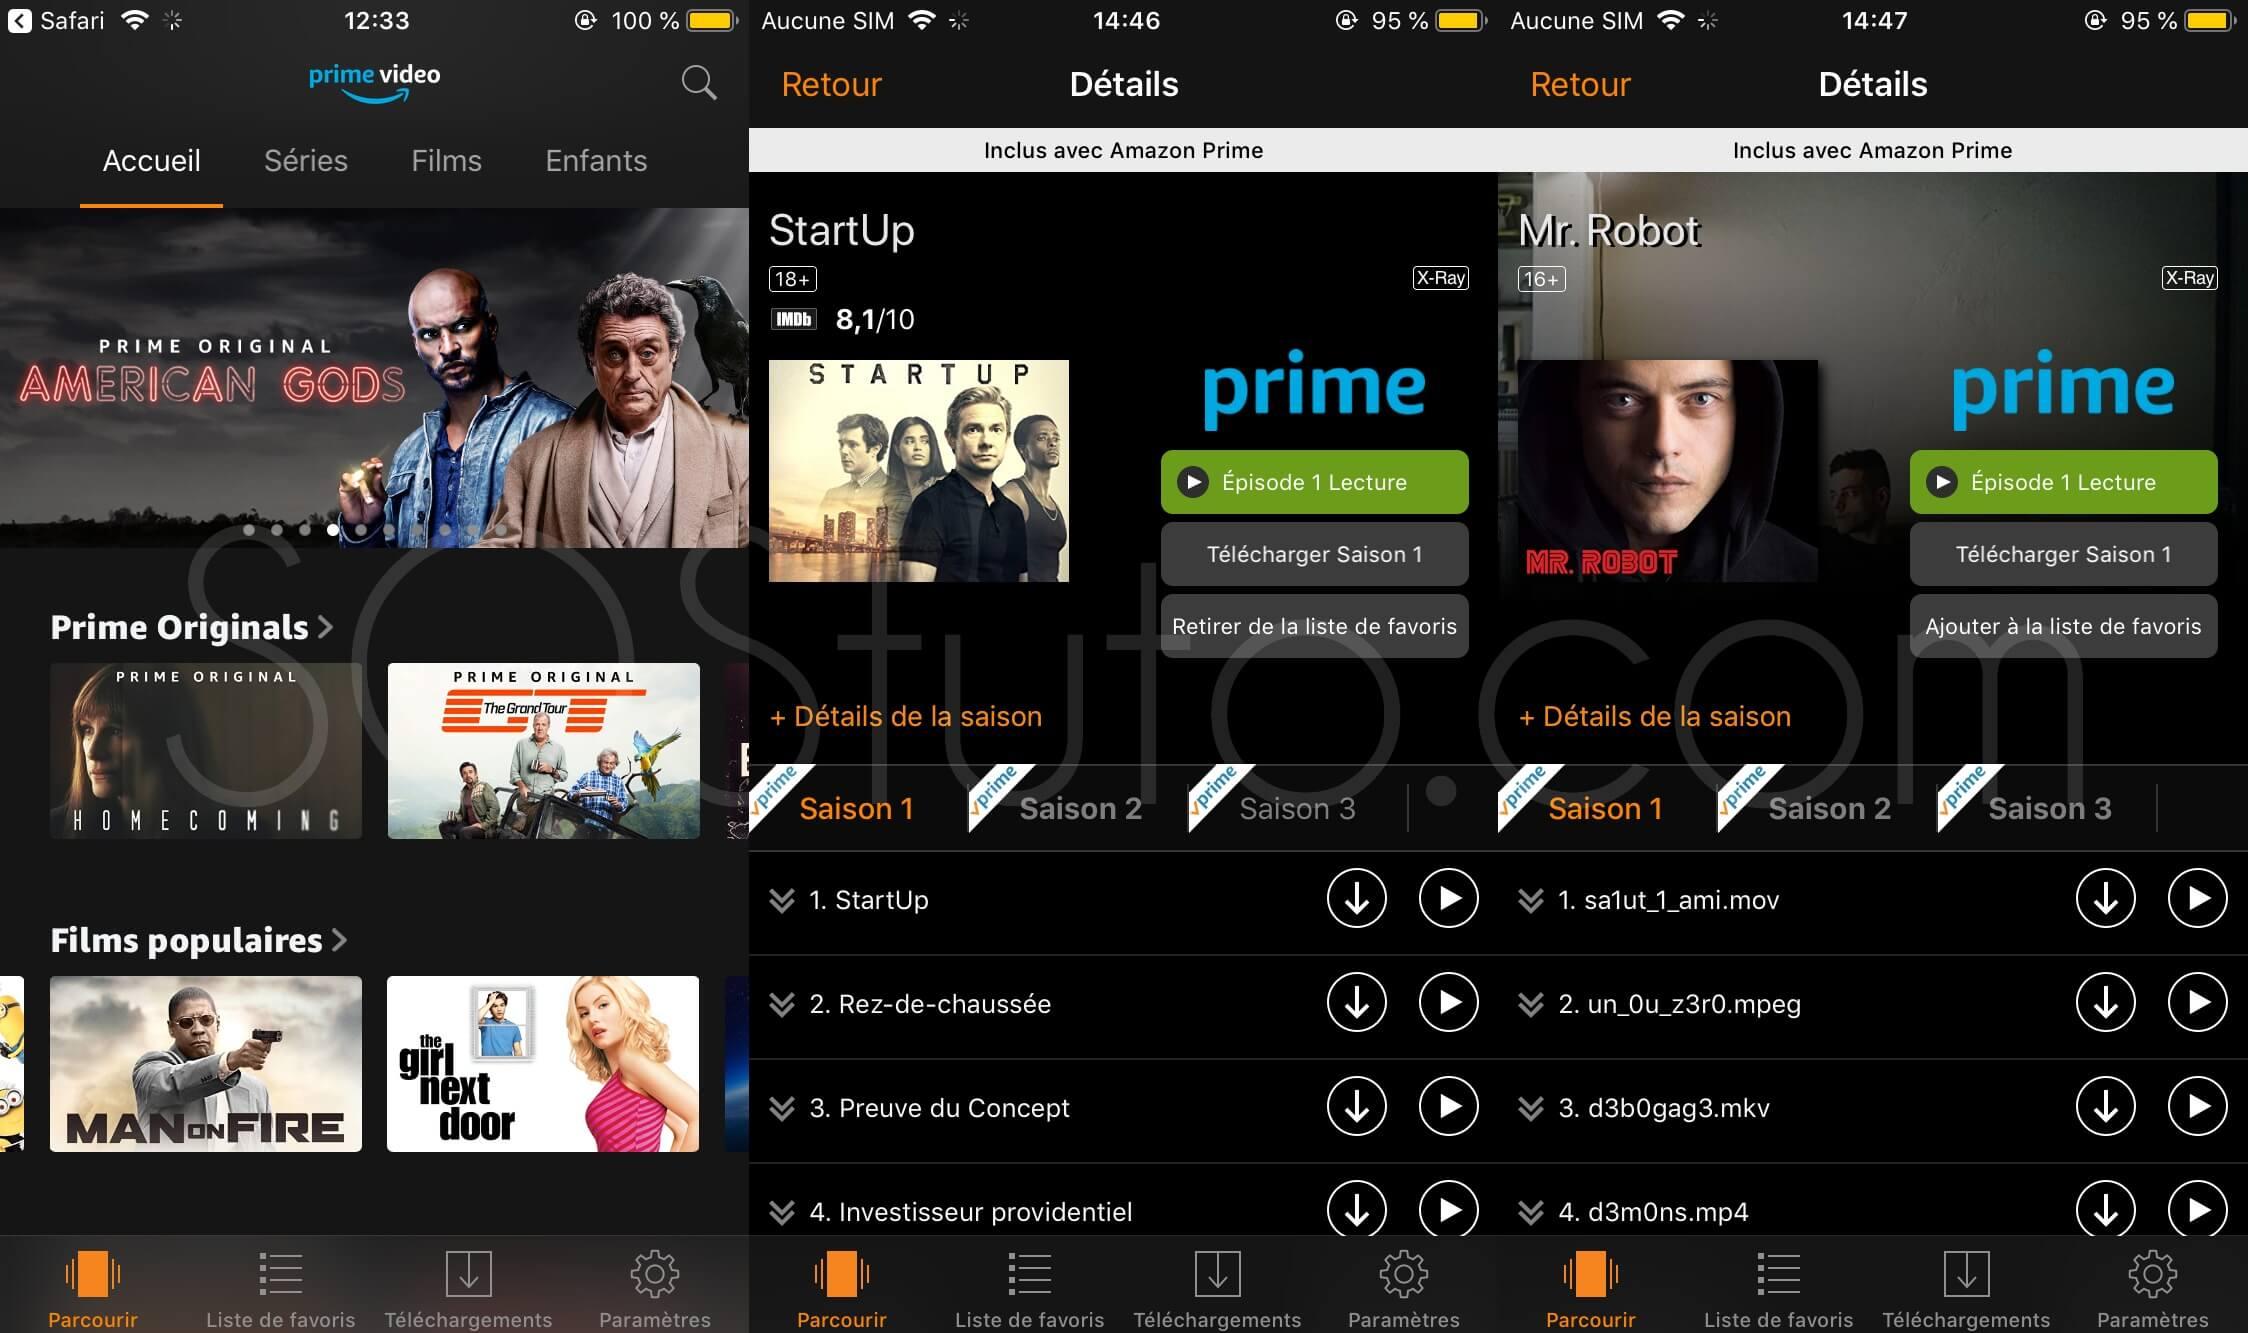 Catalogue Prime Video Francais Comment Avoir un Compte Amazon Prime Vidéo gratuitement